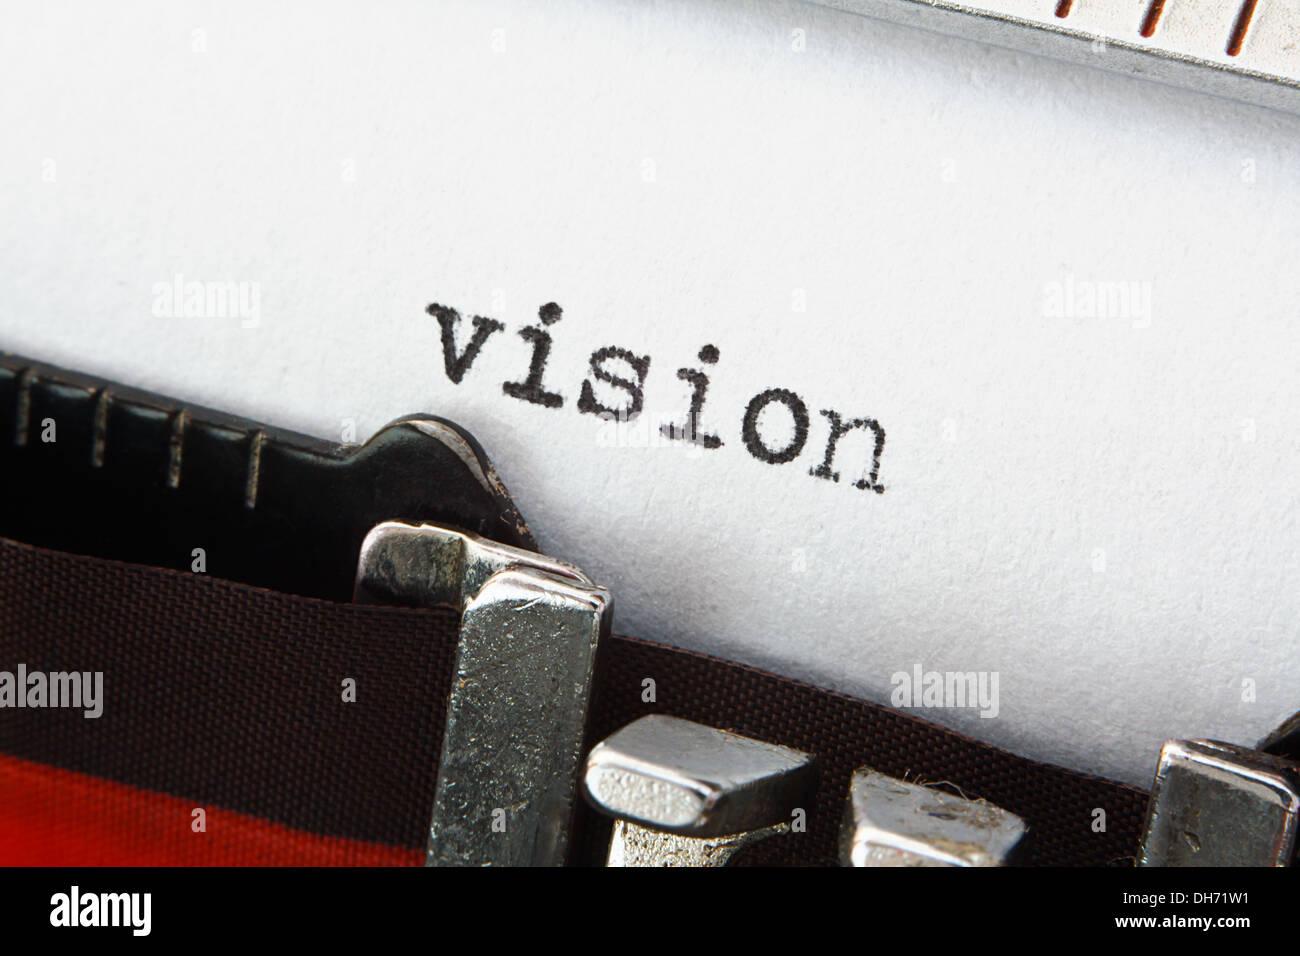 Das Wort Vision auf einem Vintage Schreibmaschine, tolles Konzept für neue Ideen oder Verkaufspräsentationen Stockbild